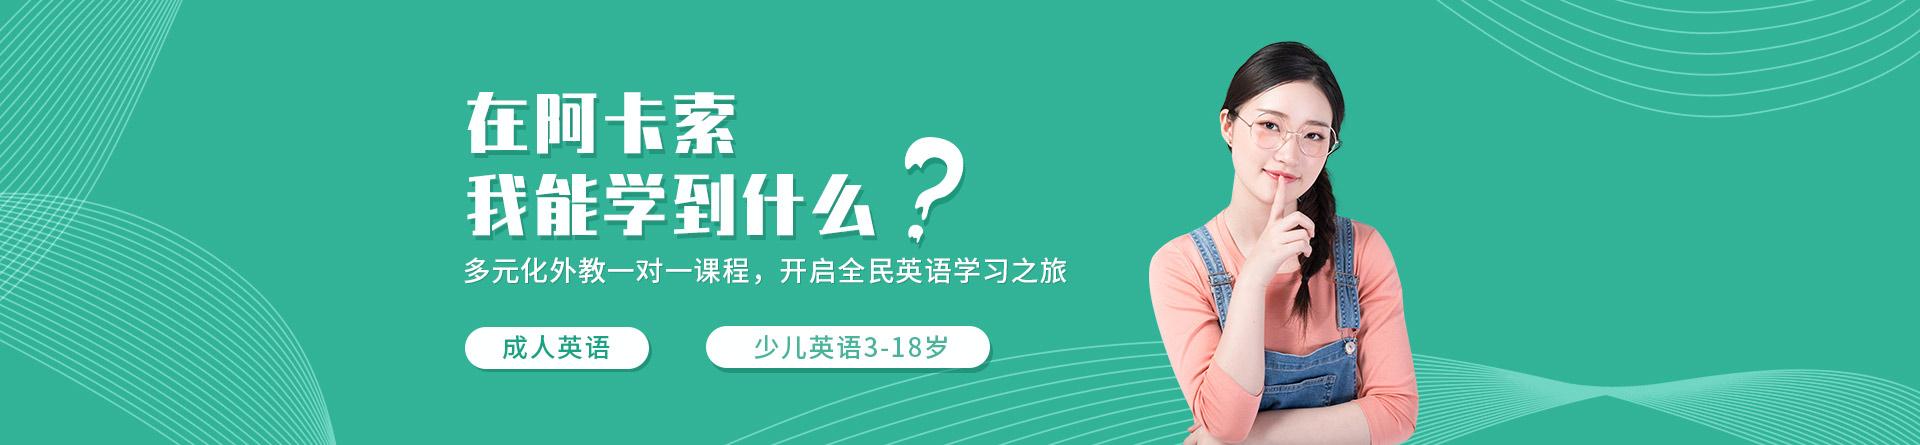 深圳福田区阿卡索英语培训机构